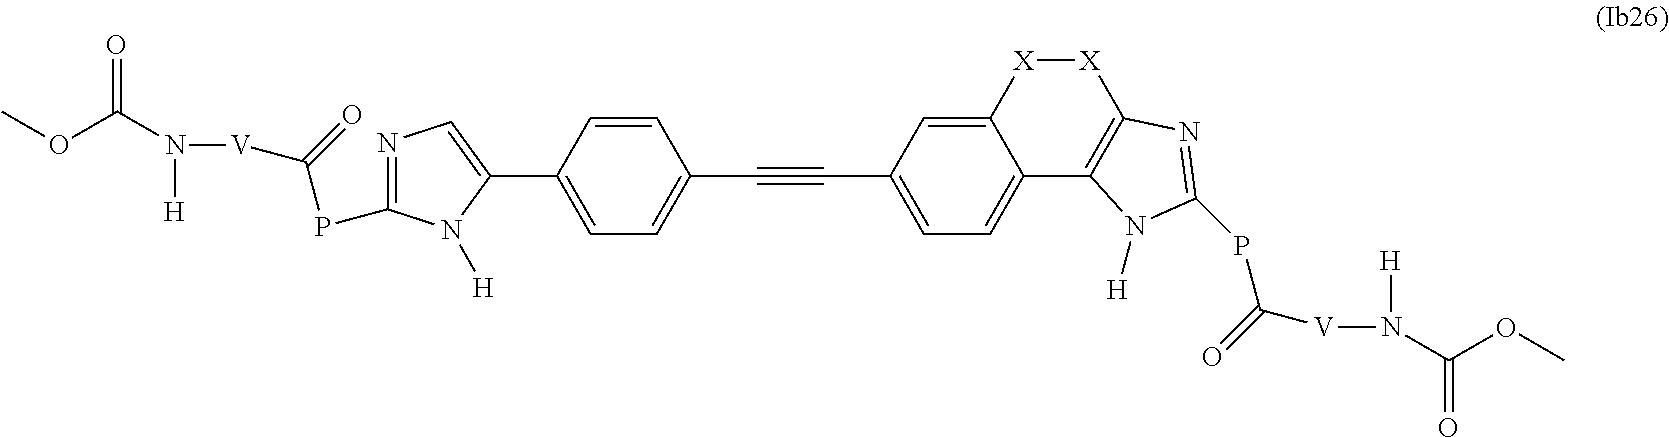 Figure US08822430-20140902-C00373